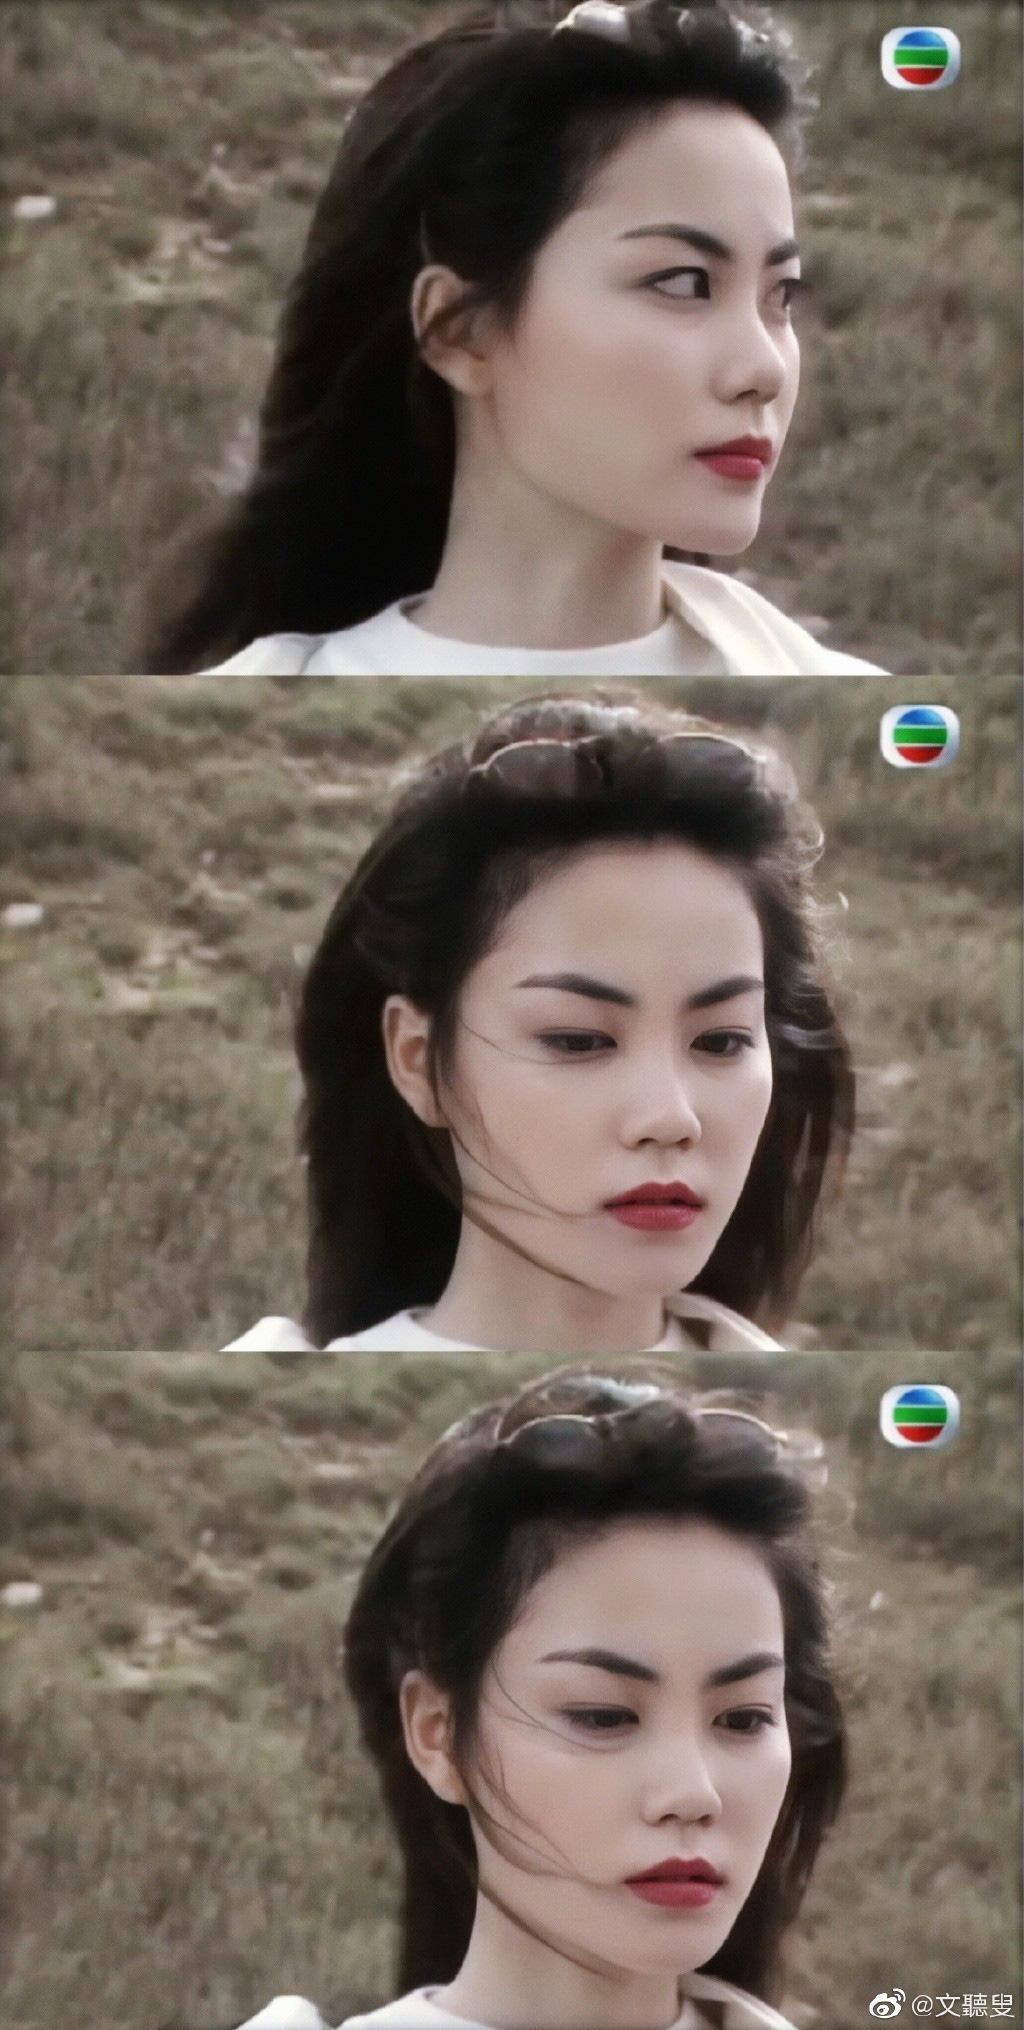 Mấy chục năm nhìn lại, cách makeup của loạt mỹ nhân TVB ngày xưa vẫn đẹp và vào mắt thế không biết - Ảnh 4.